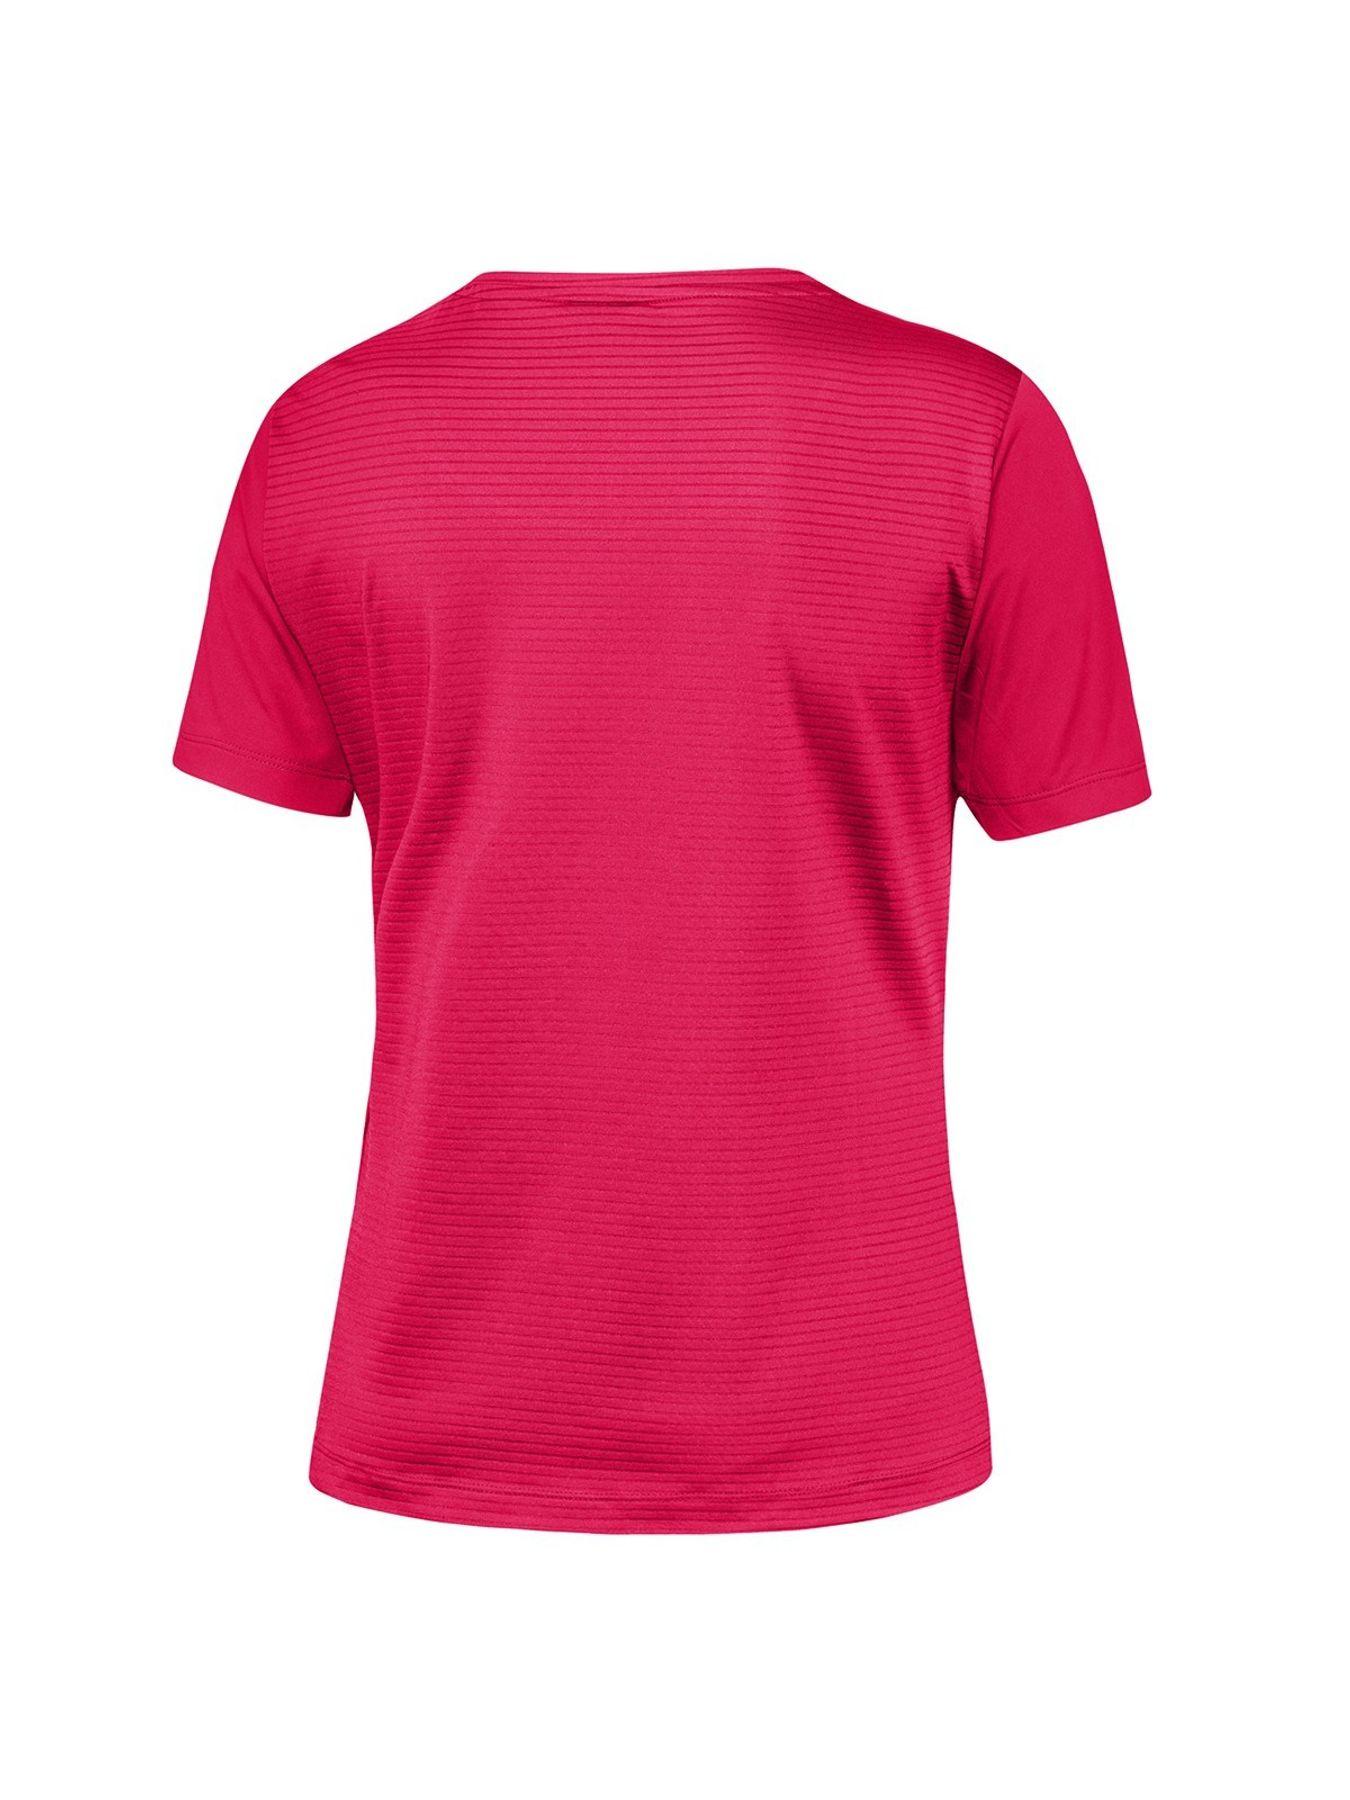 Joy - Damen Sport und Freizeit Shirt in versch. Farben, Amber (30200) – Bild 9